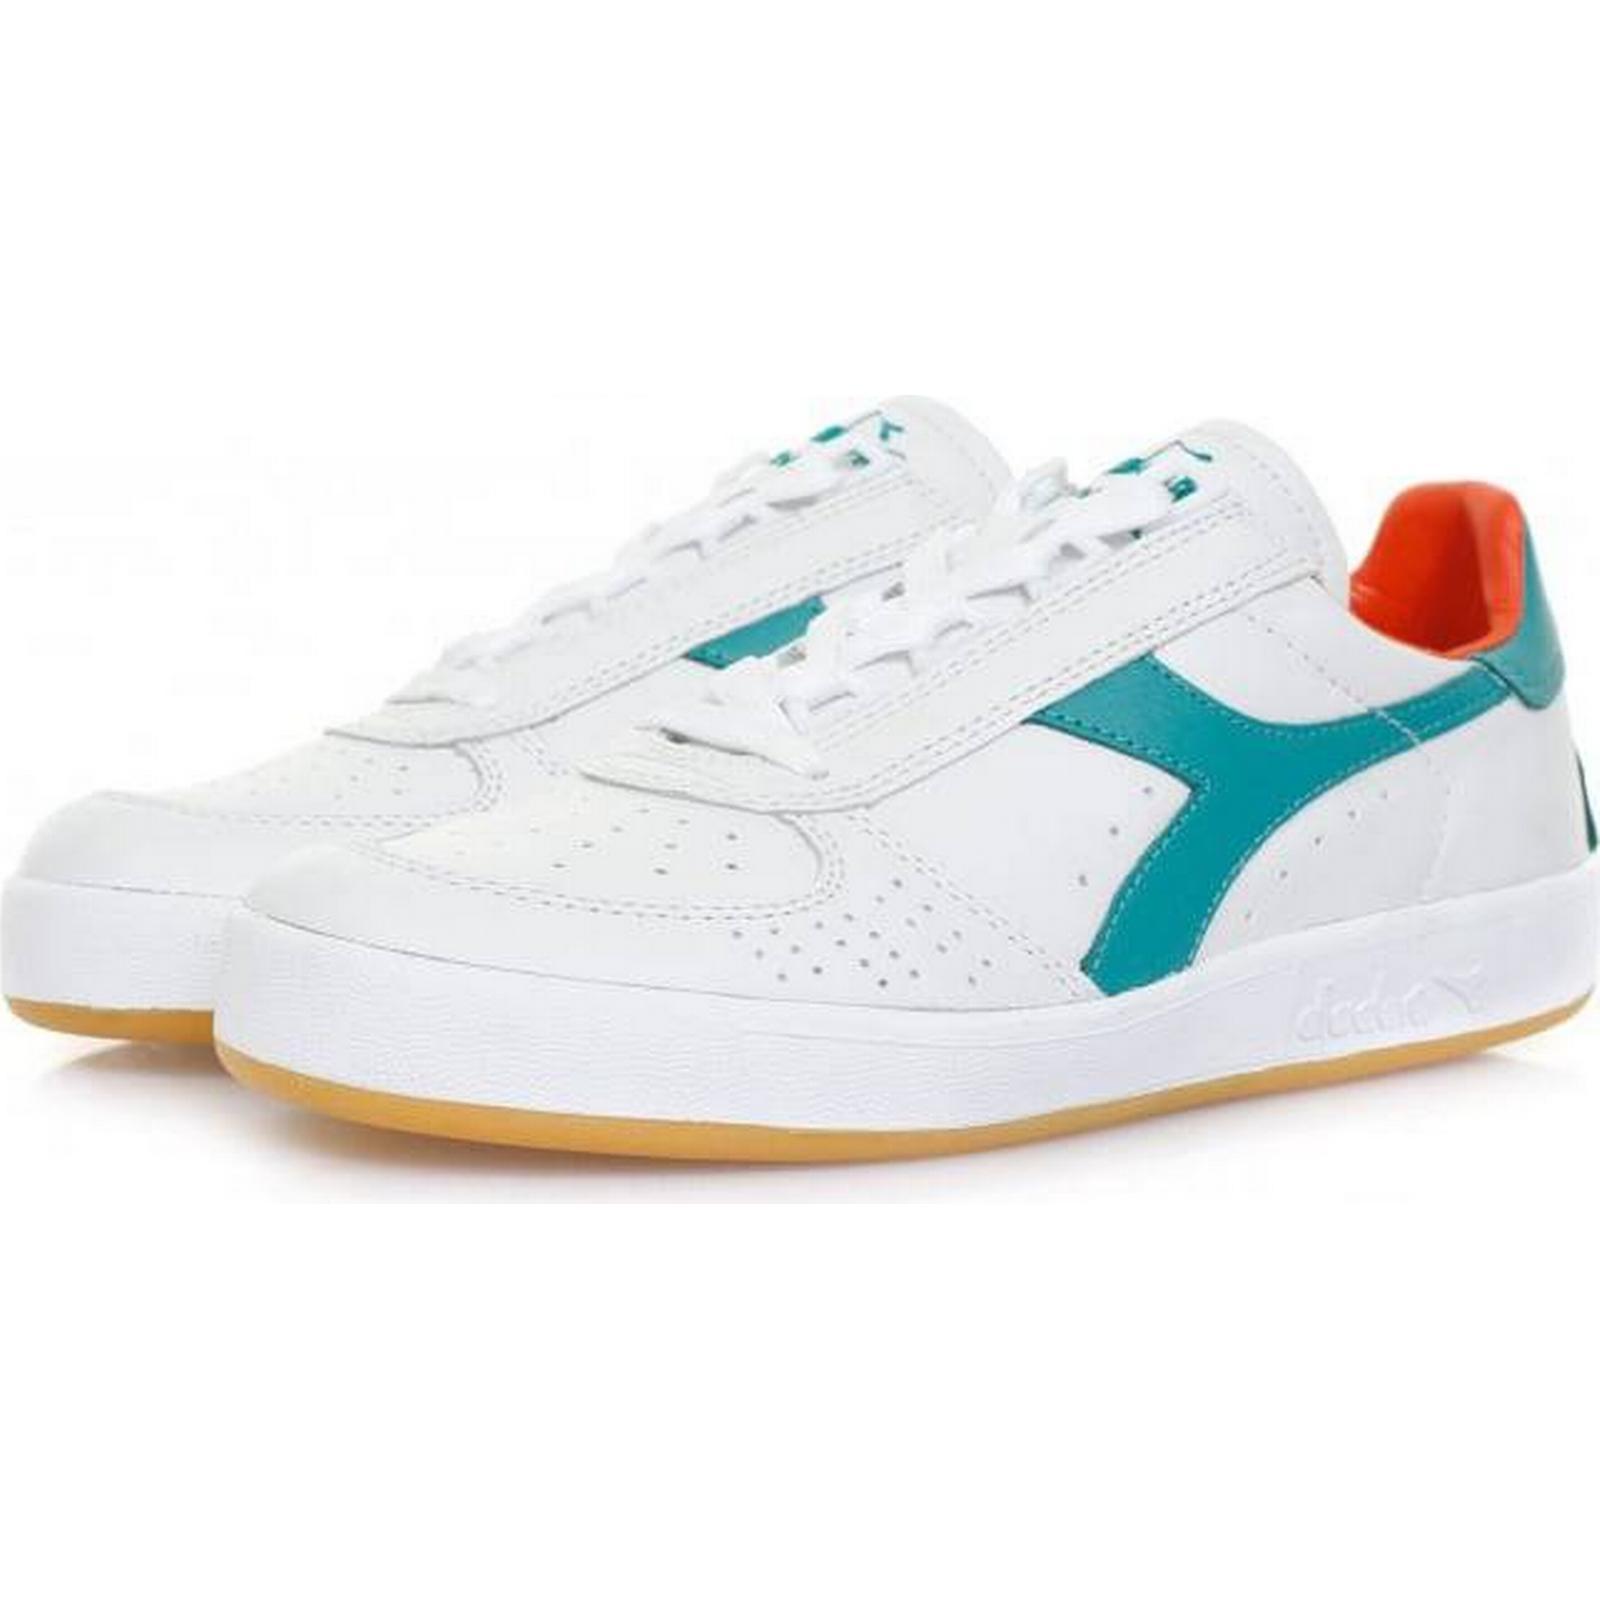 Diadora Borg Elite Italia 501170532 White Porcelaine Green Shoe 501170532 Italia 246746